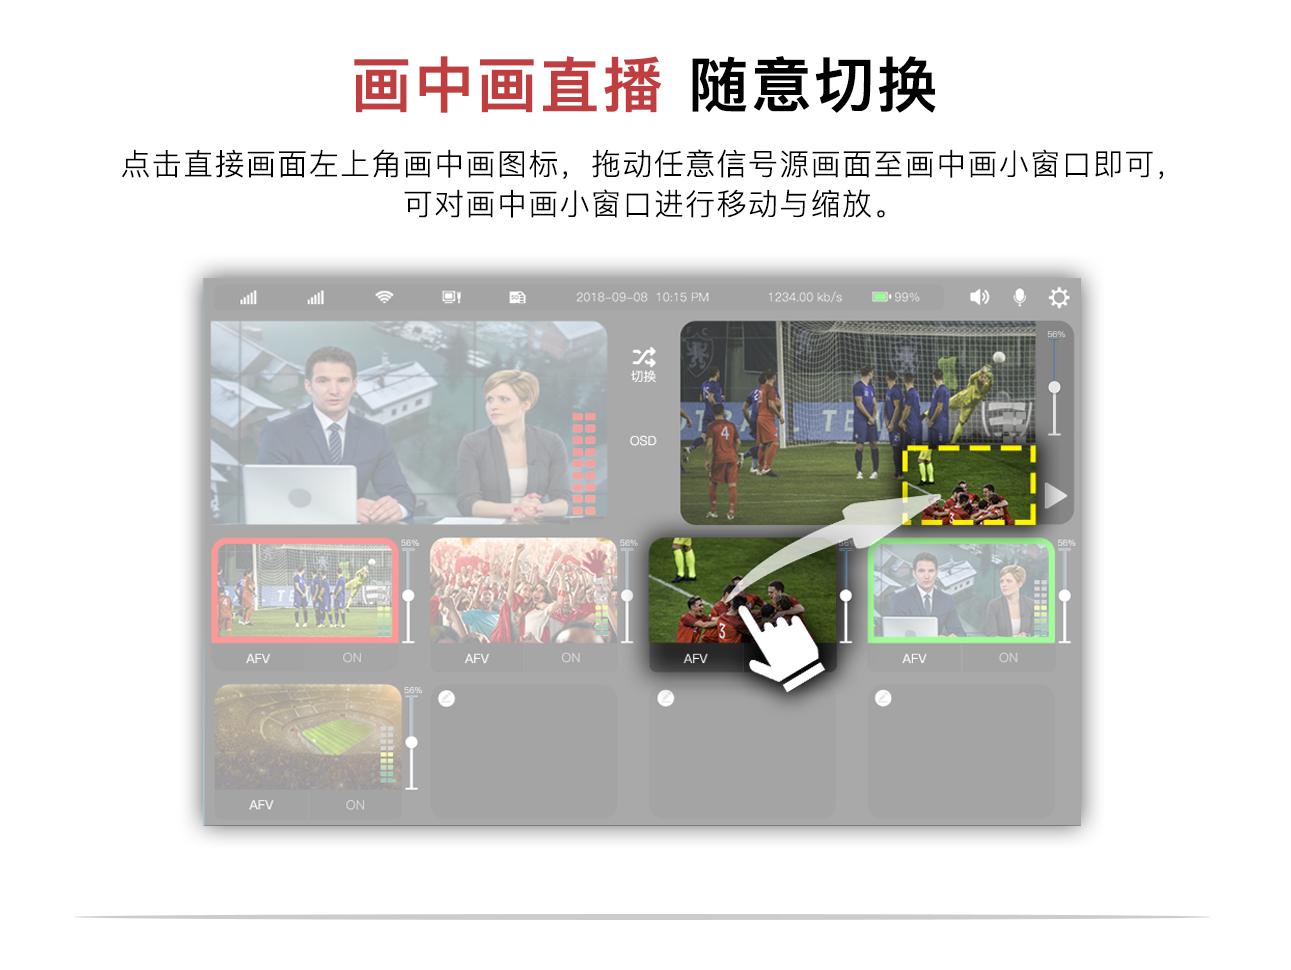 Ucast - 专业视频通信解决方案提供商